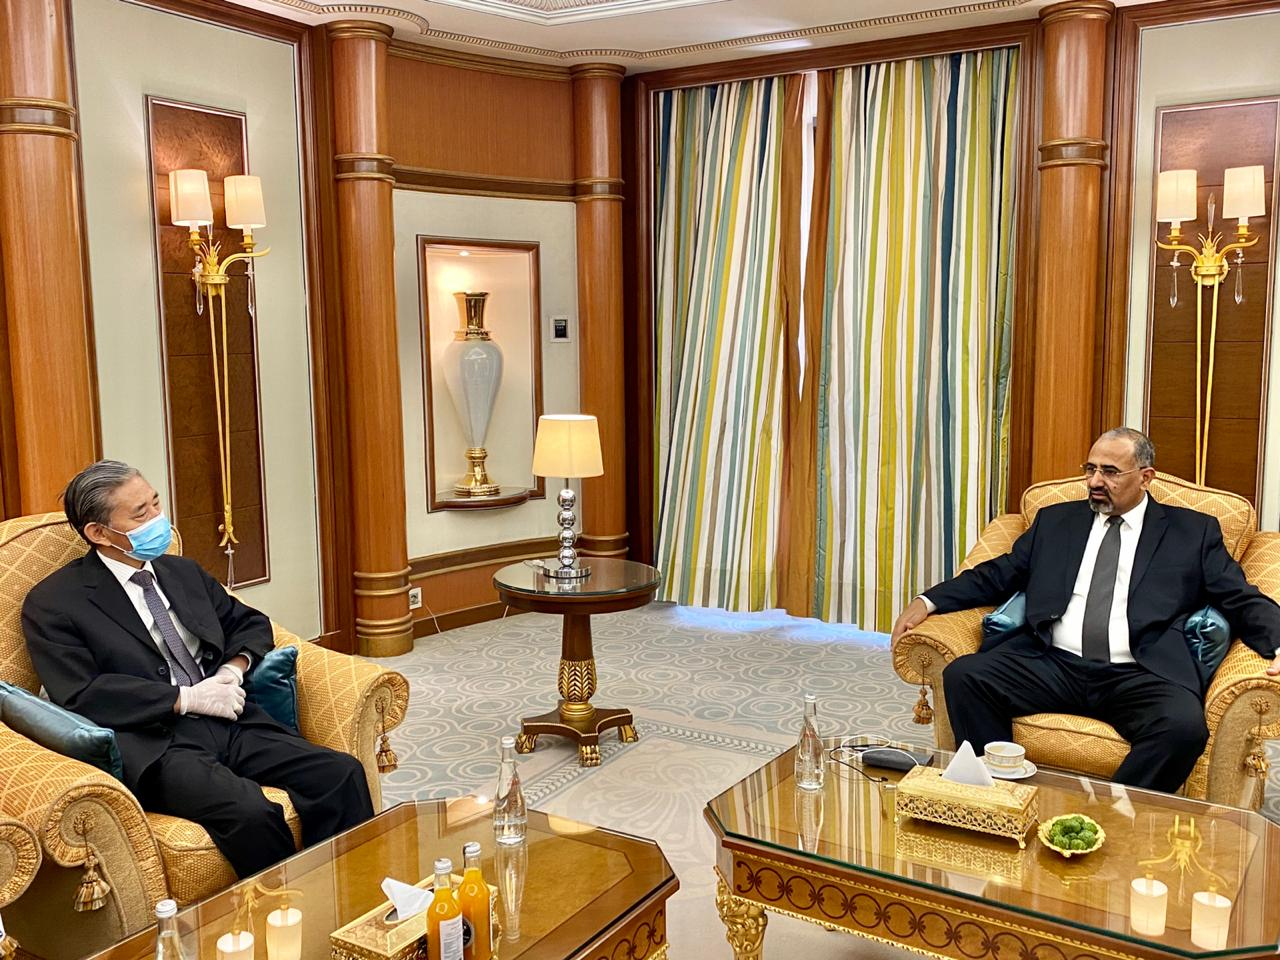 الرئيس القائد عيدروس الزُبيدي يستقبل السفير الصيني لدى اليمن